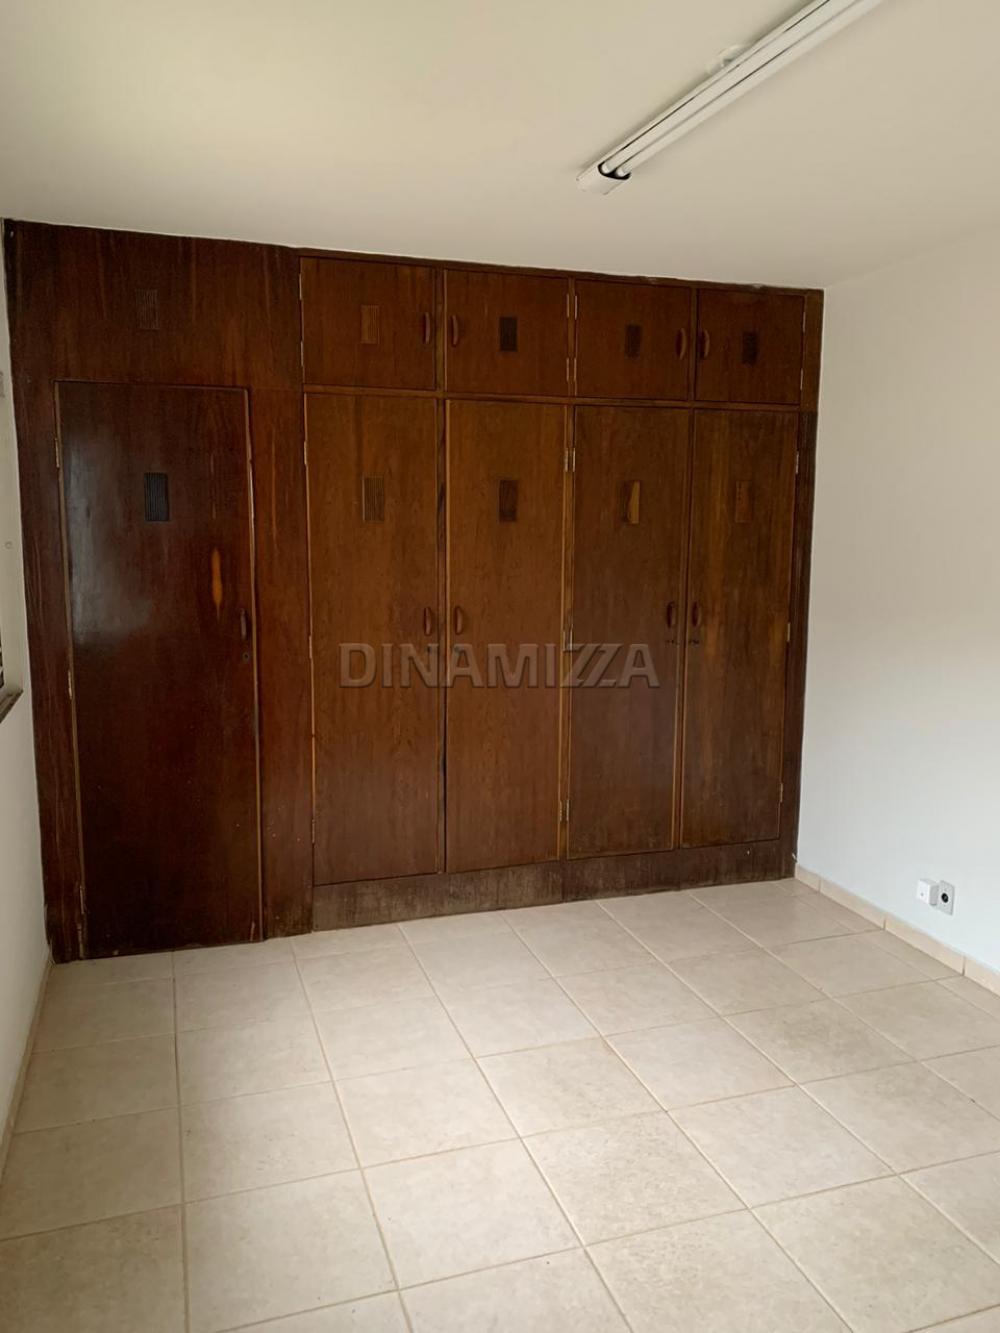 Alugar Casa / Padrão em Uberaba R$ 2.800,00 - Foto 9